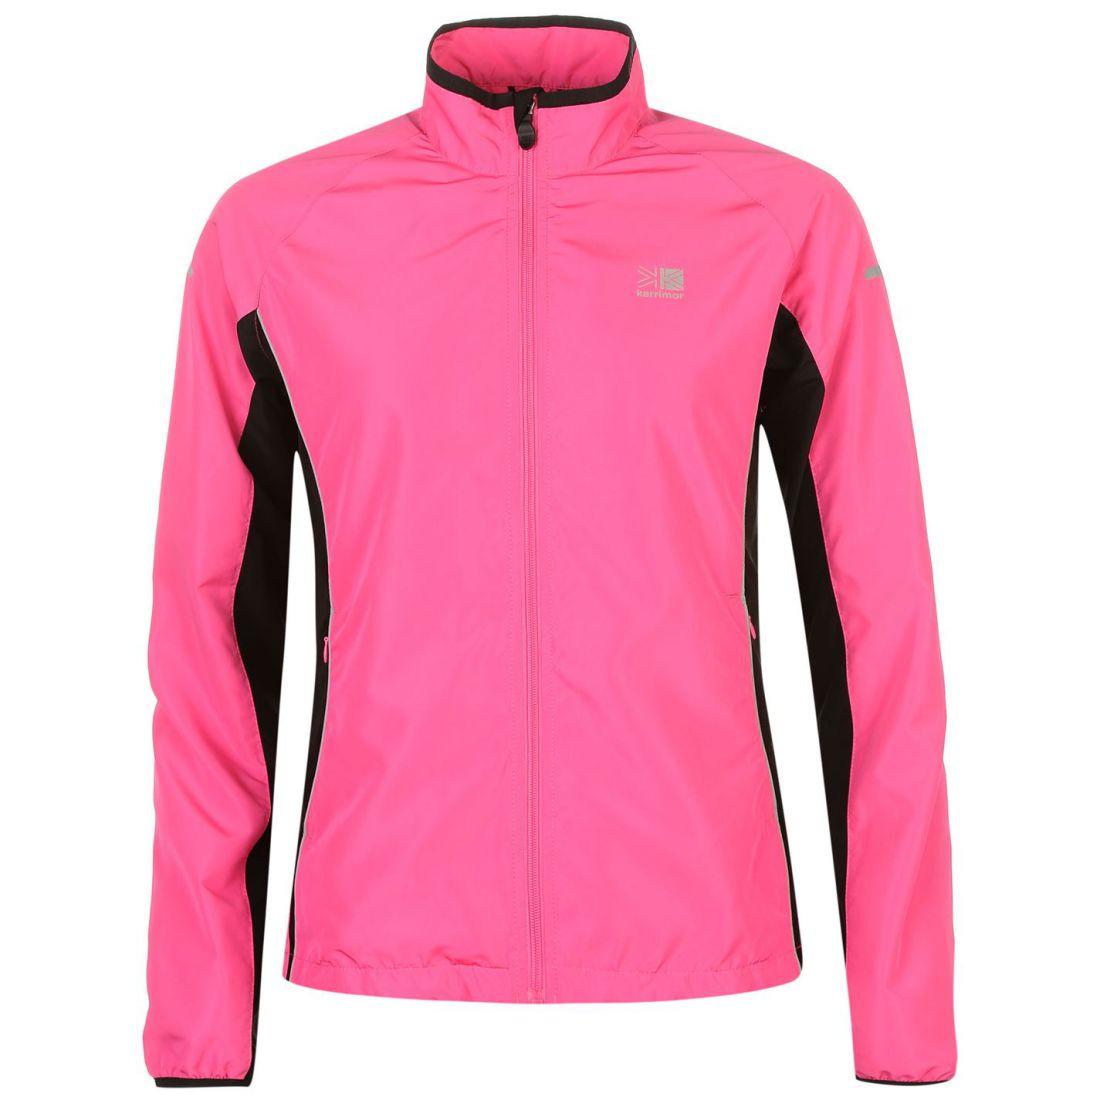 086aed593655 Karrimor Womens Ladies Running Jacket Long Sleeve Zip Fastening Coat ...